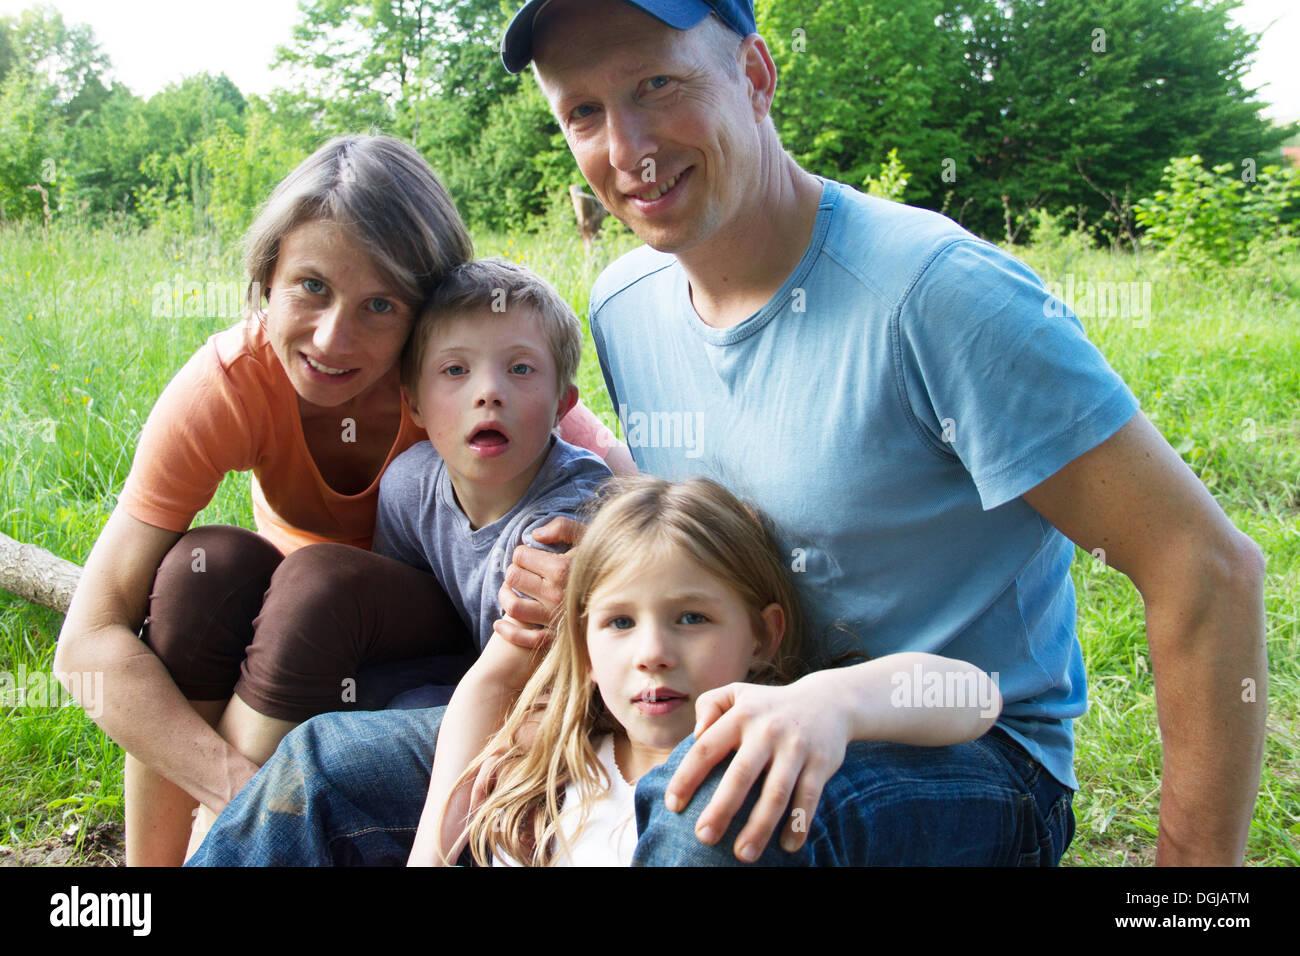 Portrait plein air de famille avec deux enfants Photo Stock